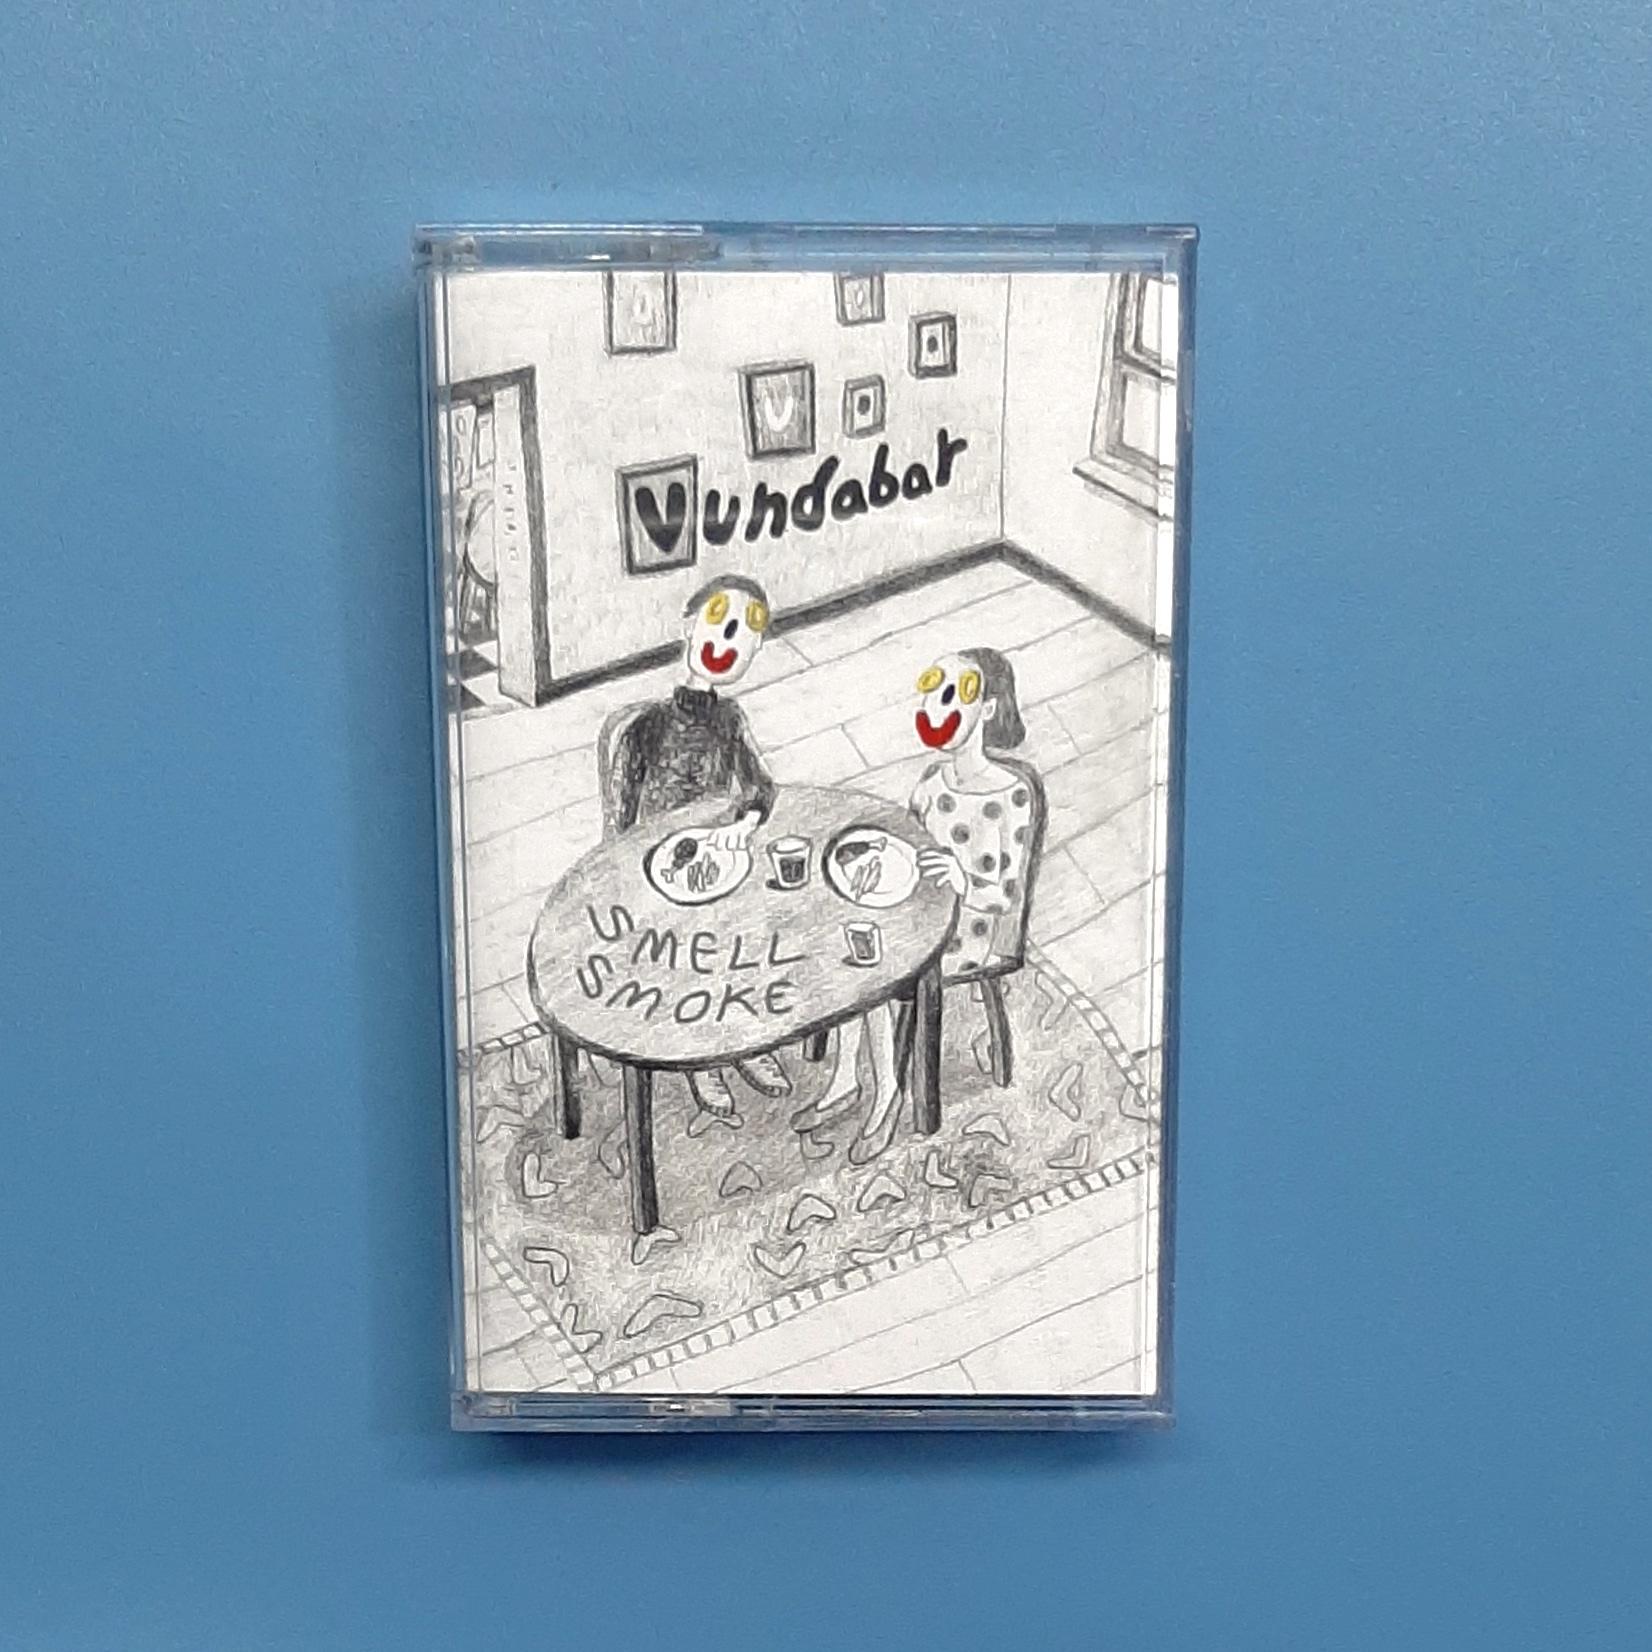 Vundabar - Smell Smoke (Citrus City Records)